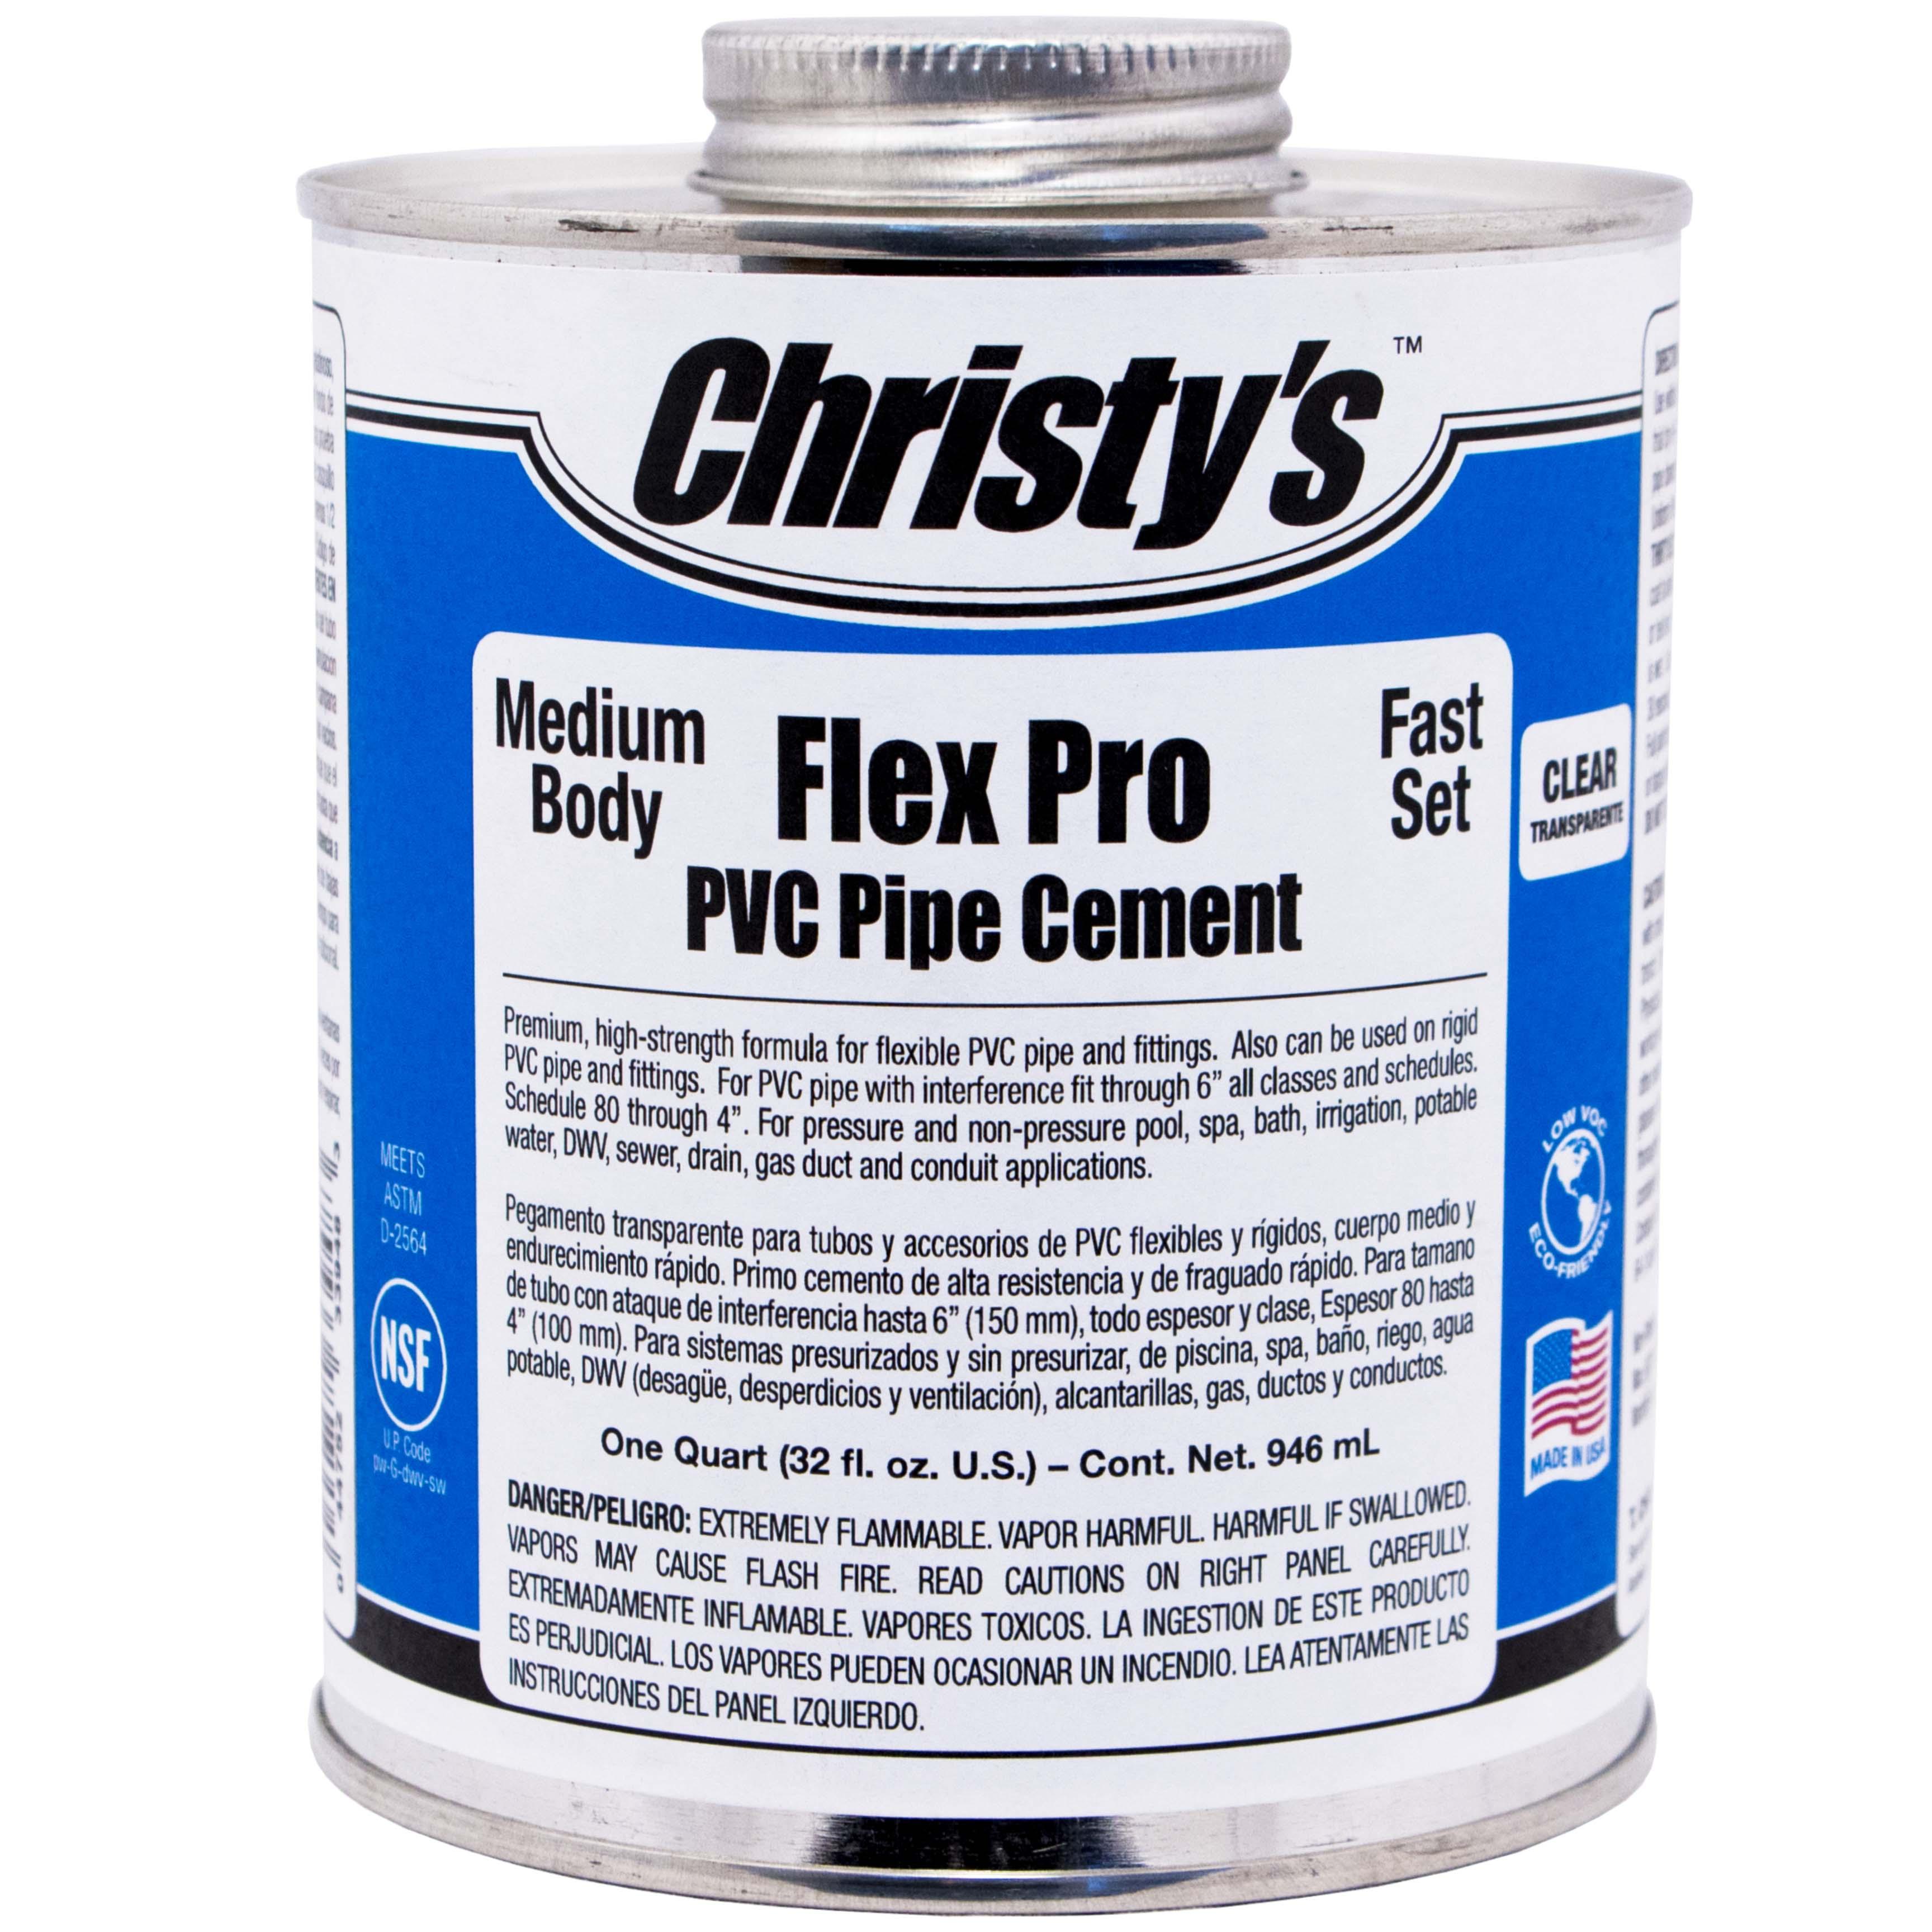 Flex Pro PVC Cement